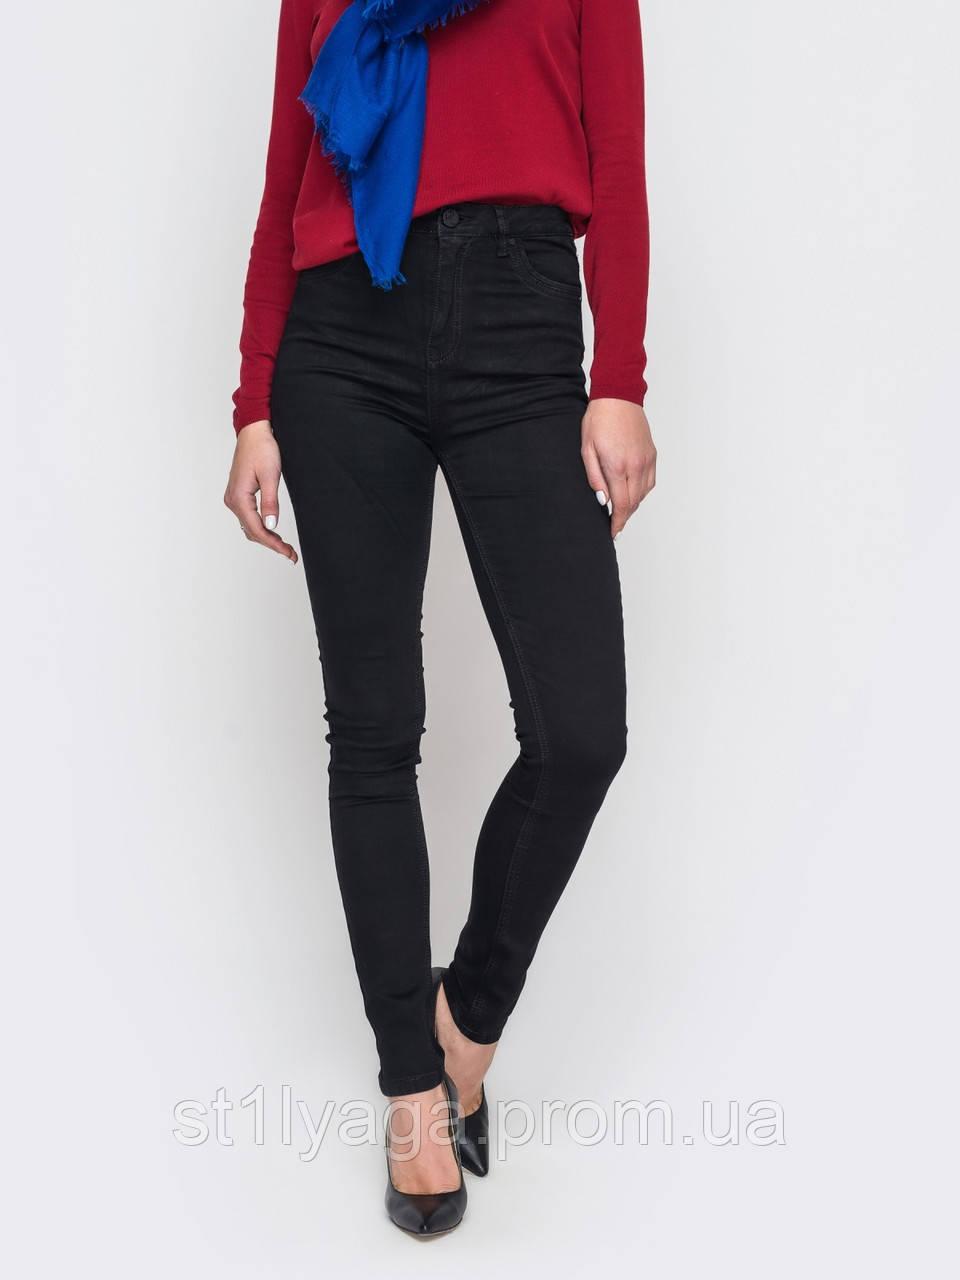 Облегающие джинсы женские с высокой посадкой большого размера демисезон американка  HEPYEK  черный